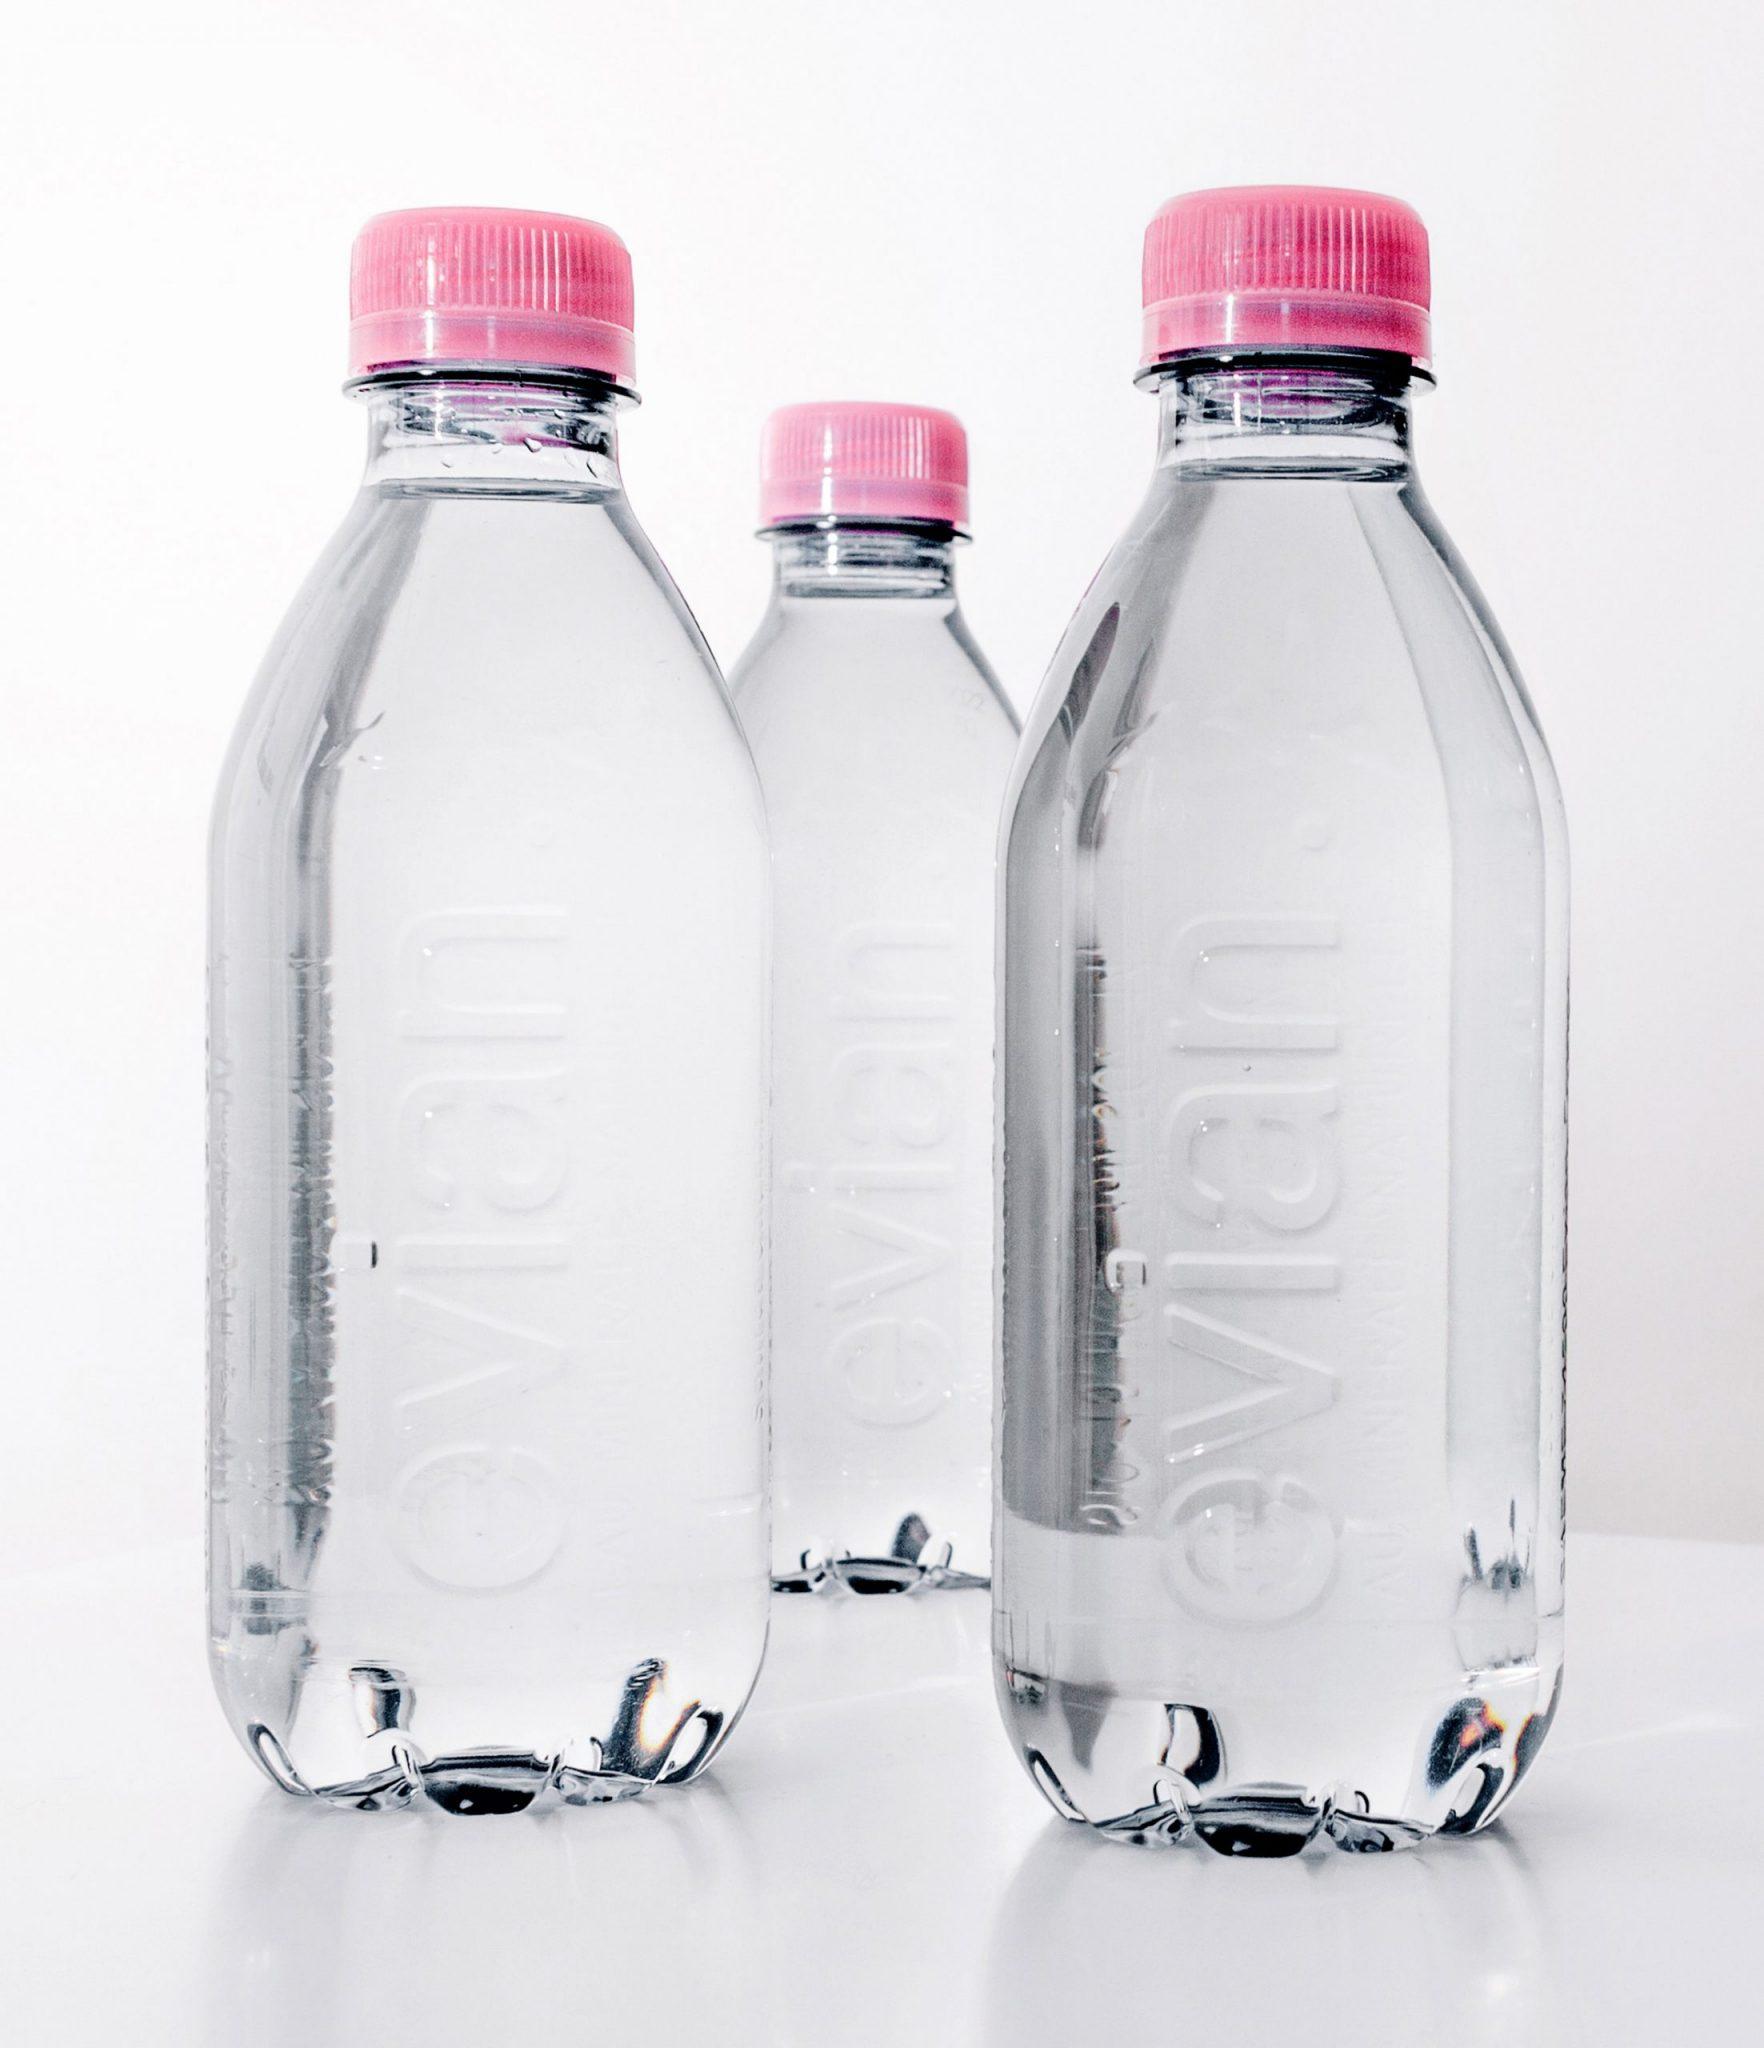 Garrafa sem rótulo produzida com PET reciclado